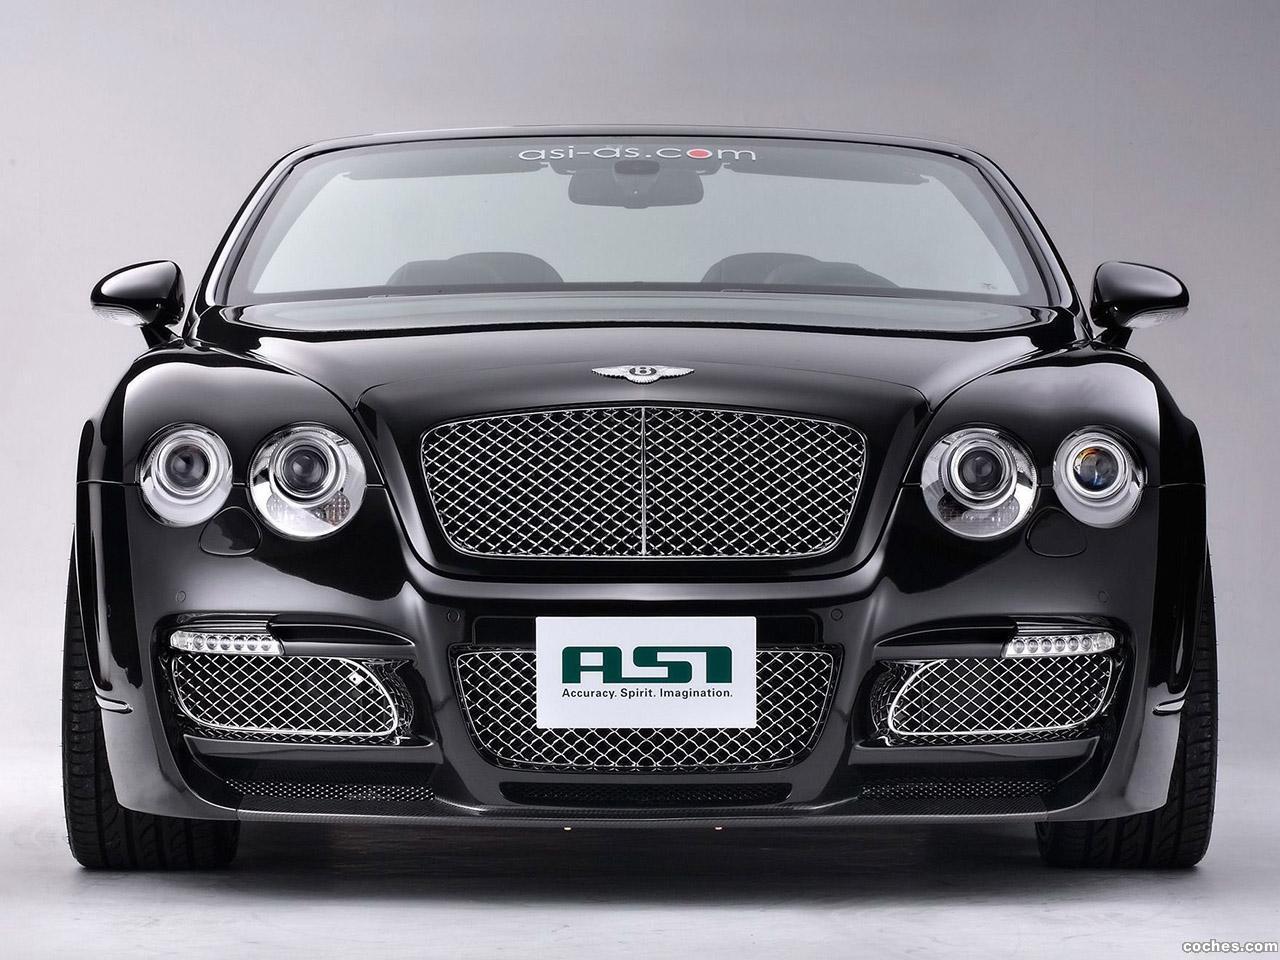 Foto 21 de ASI Bentley Continental GTC 2009